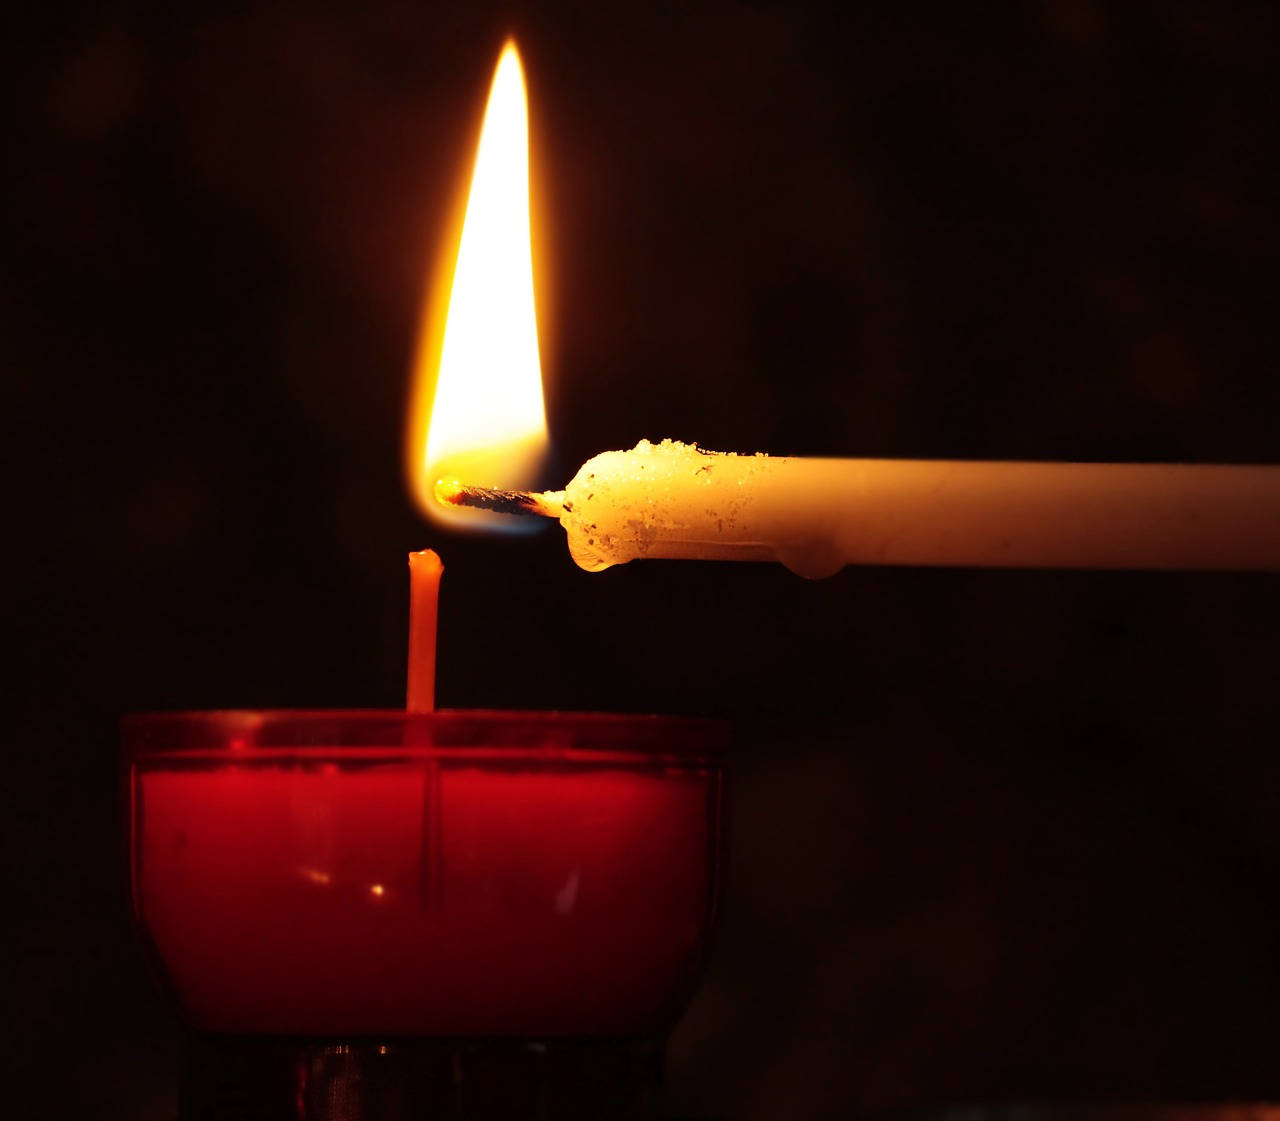 Lutto a Tortolì per la morte del giovane